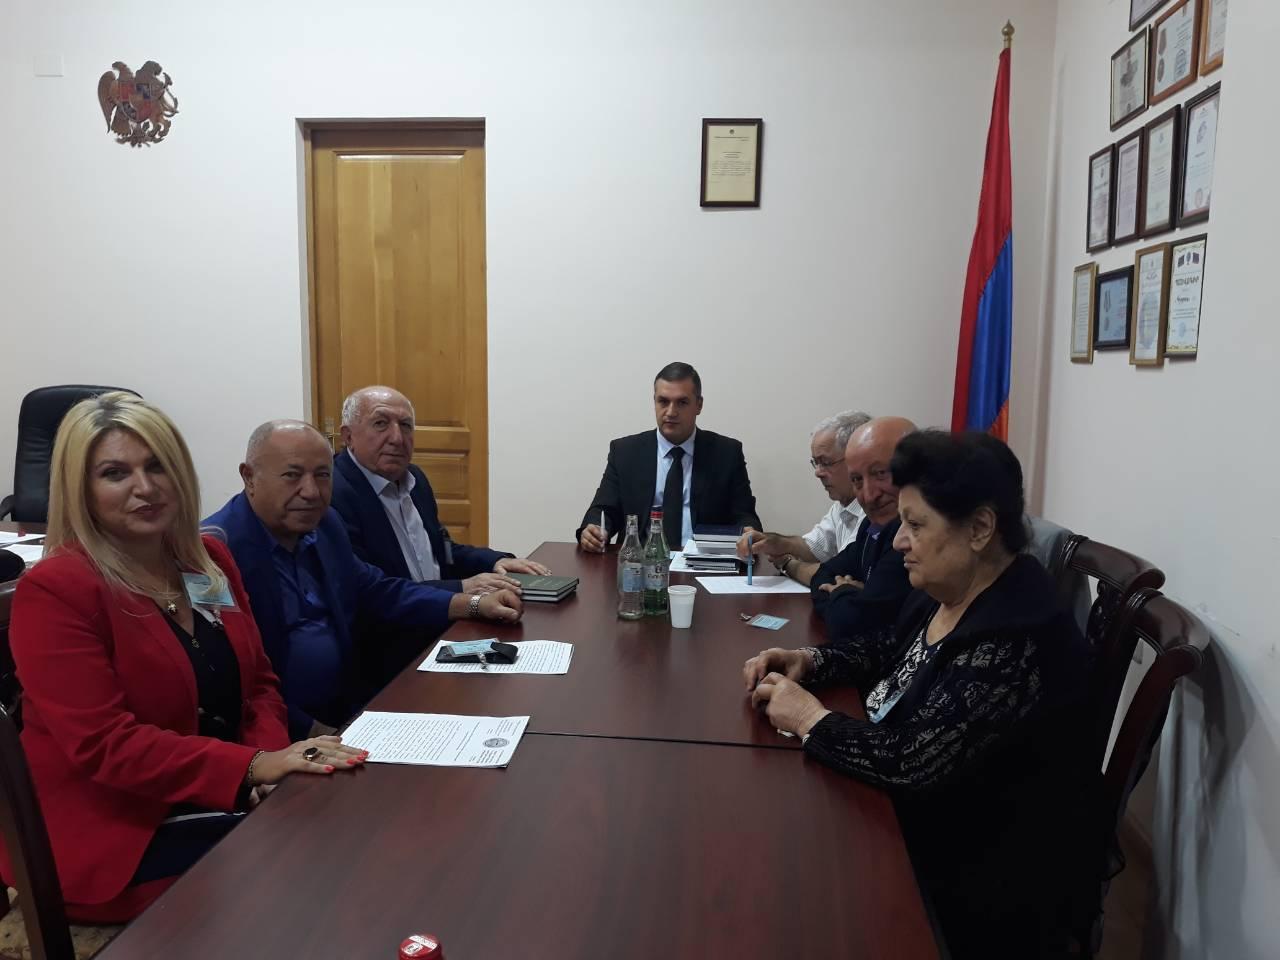 <h2>Встреча председателя комиссии Тиграна Уриханяна с ректорами негосударственных аккредитованных вузов</h2>